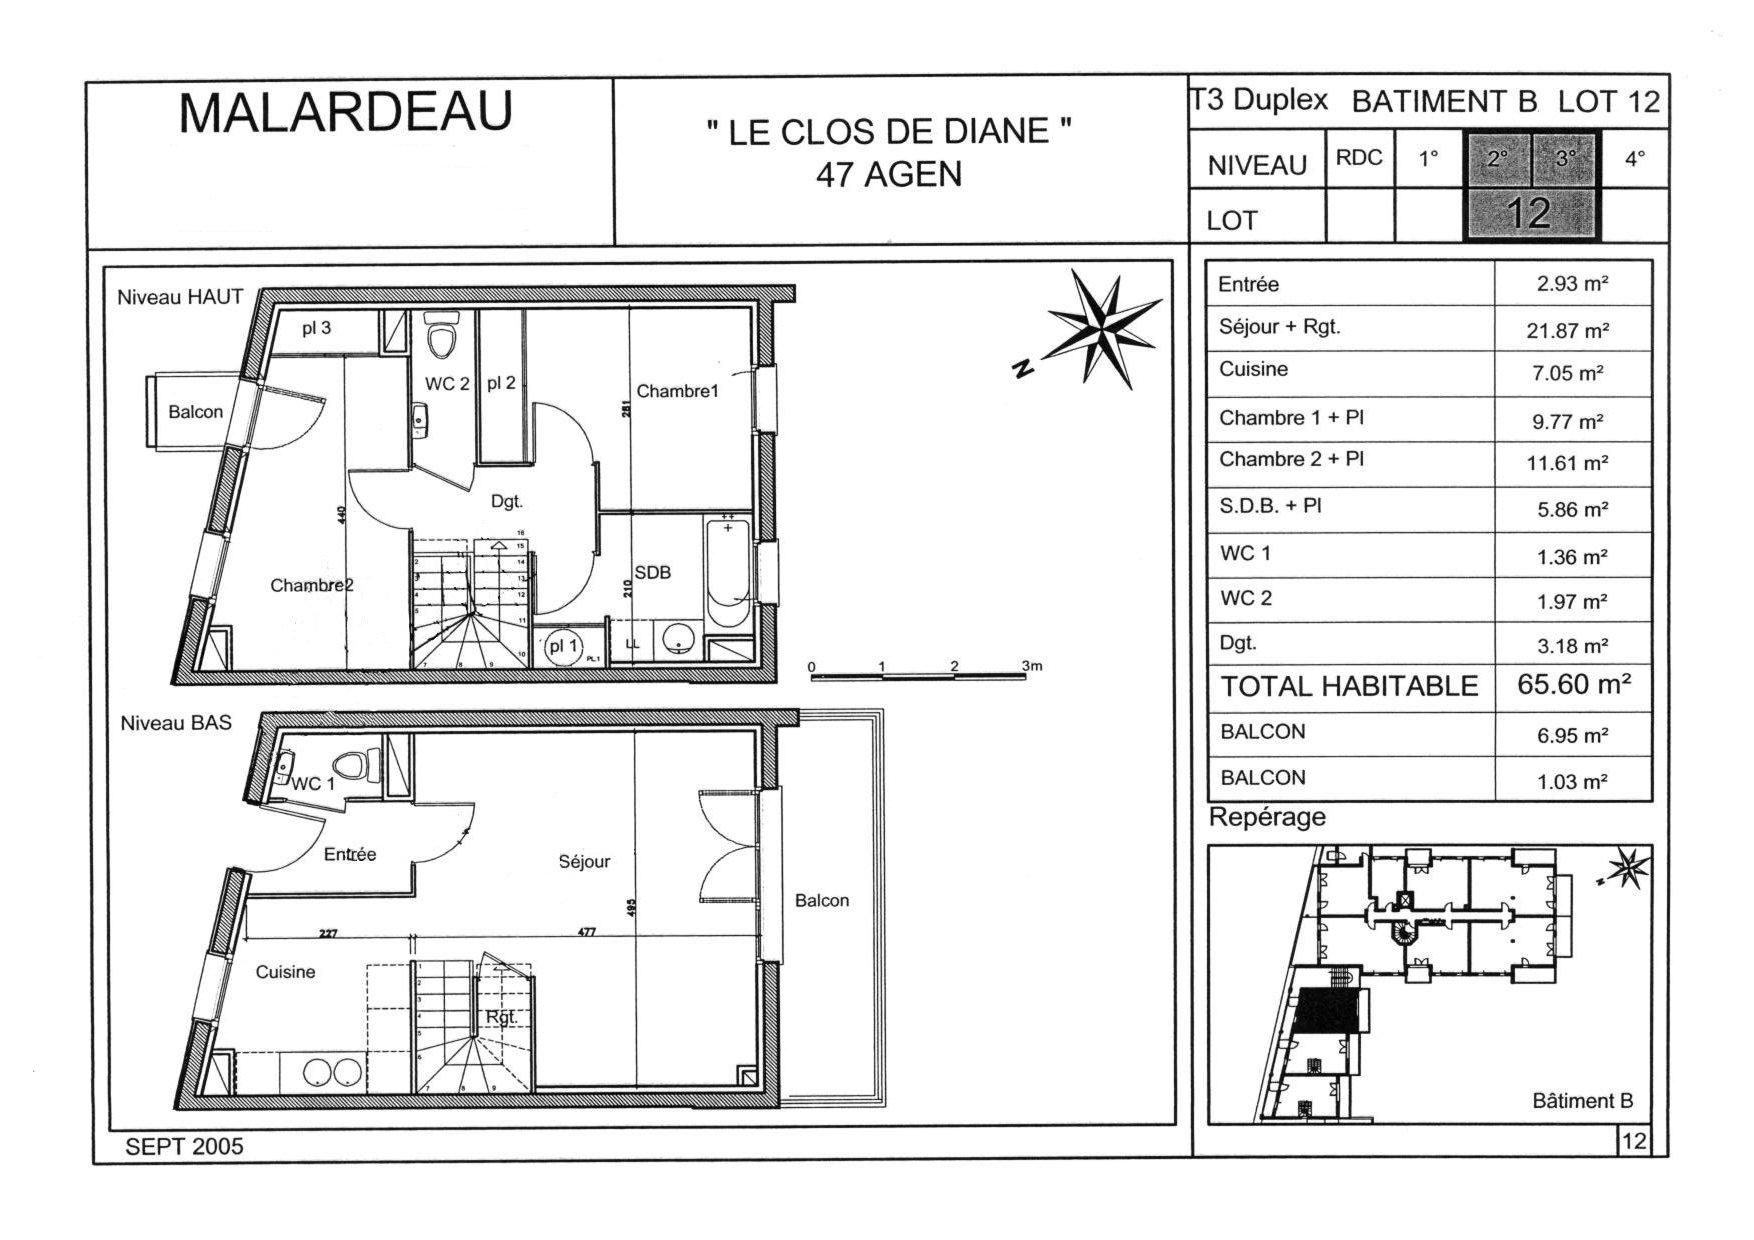 Envoyez vos demandesd 39 information l 39 adresse t3duplex65 for Plan maison duplex